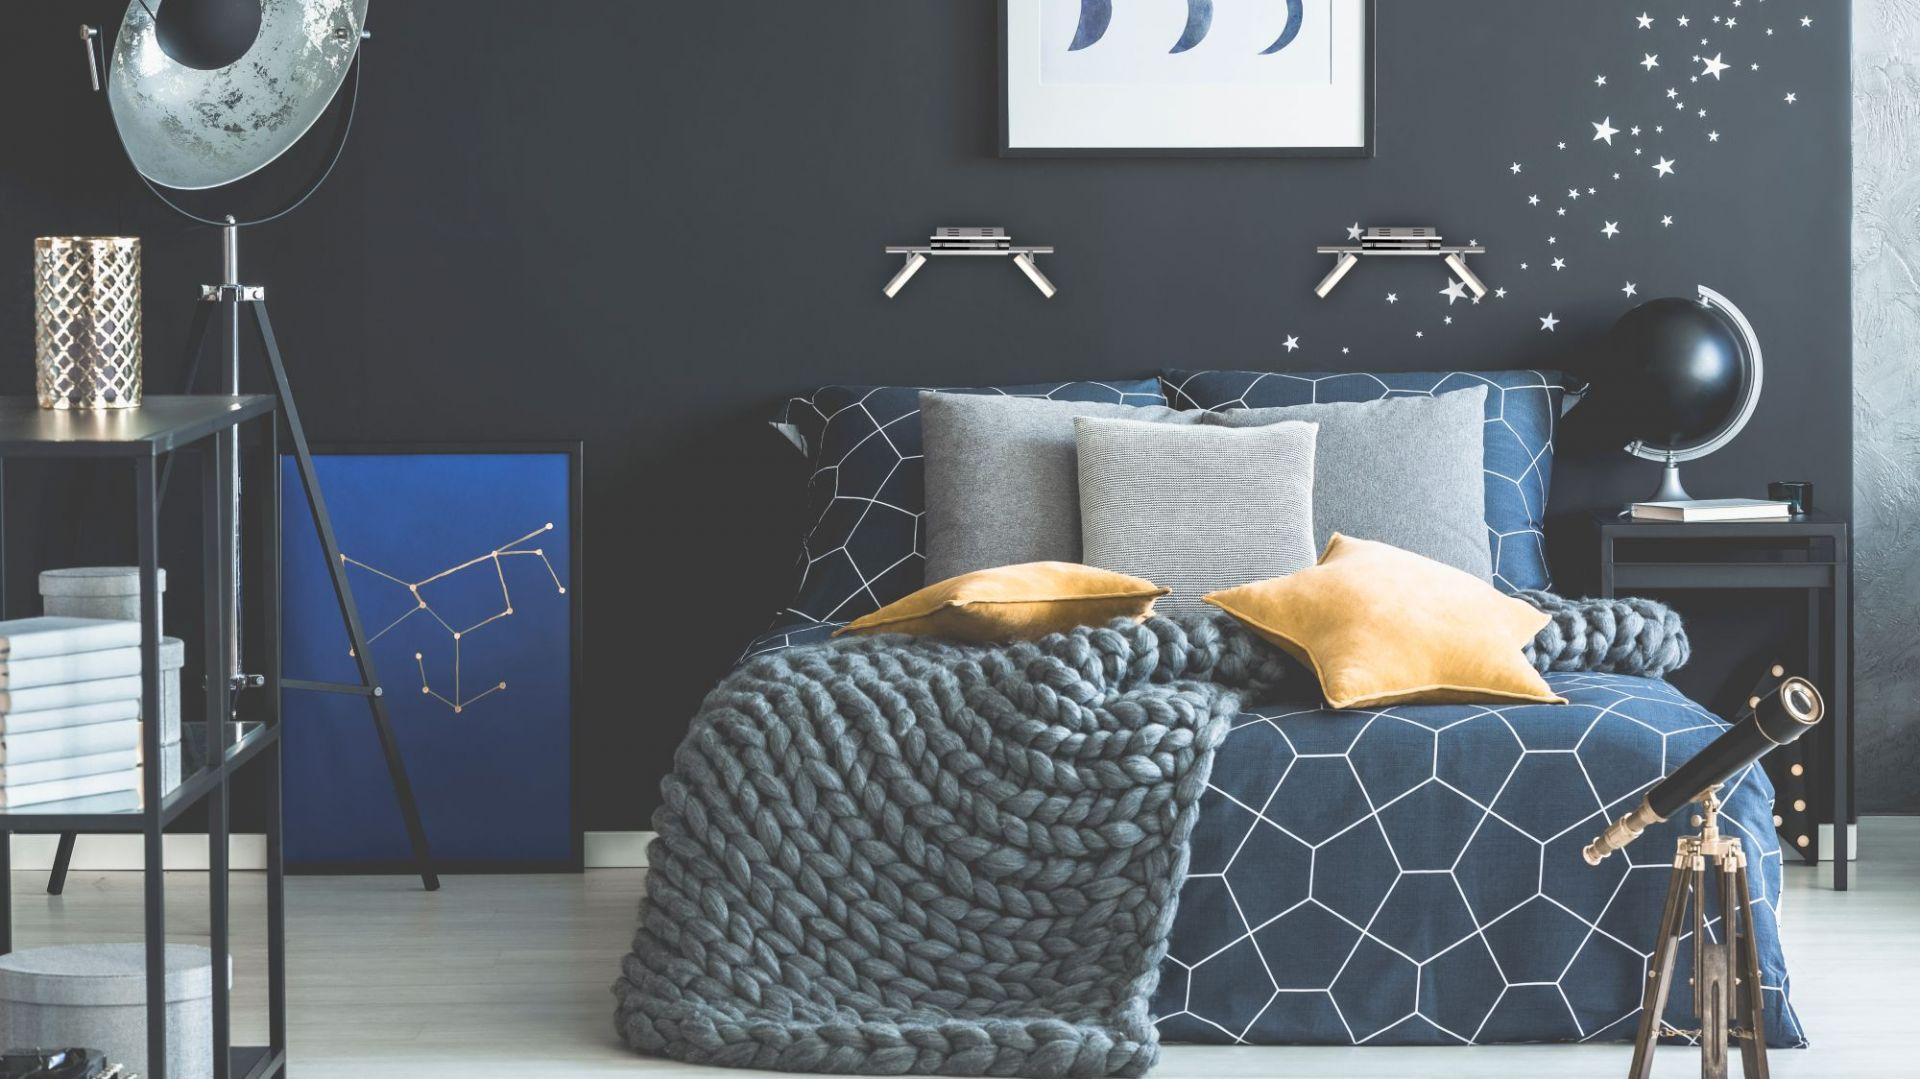 Modna sypialnia, kolekcja oświetlenie z serii Xenia. Fot. Activejet